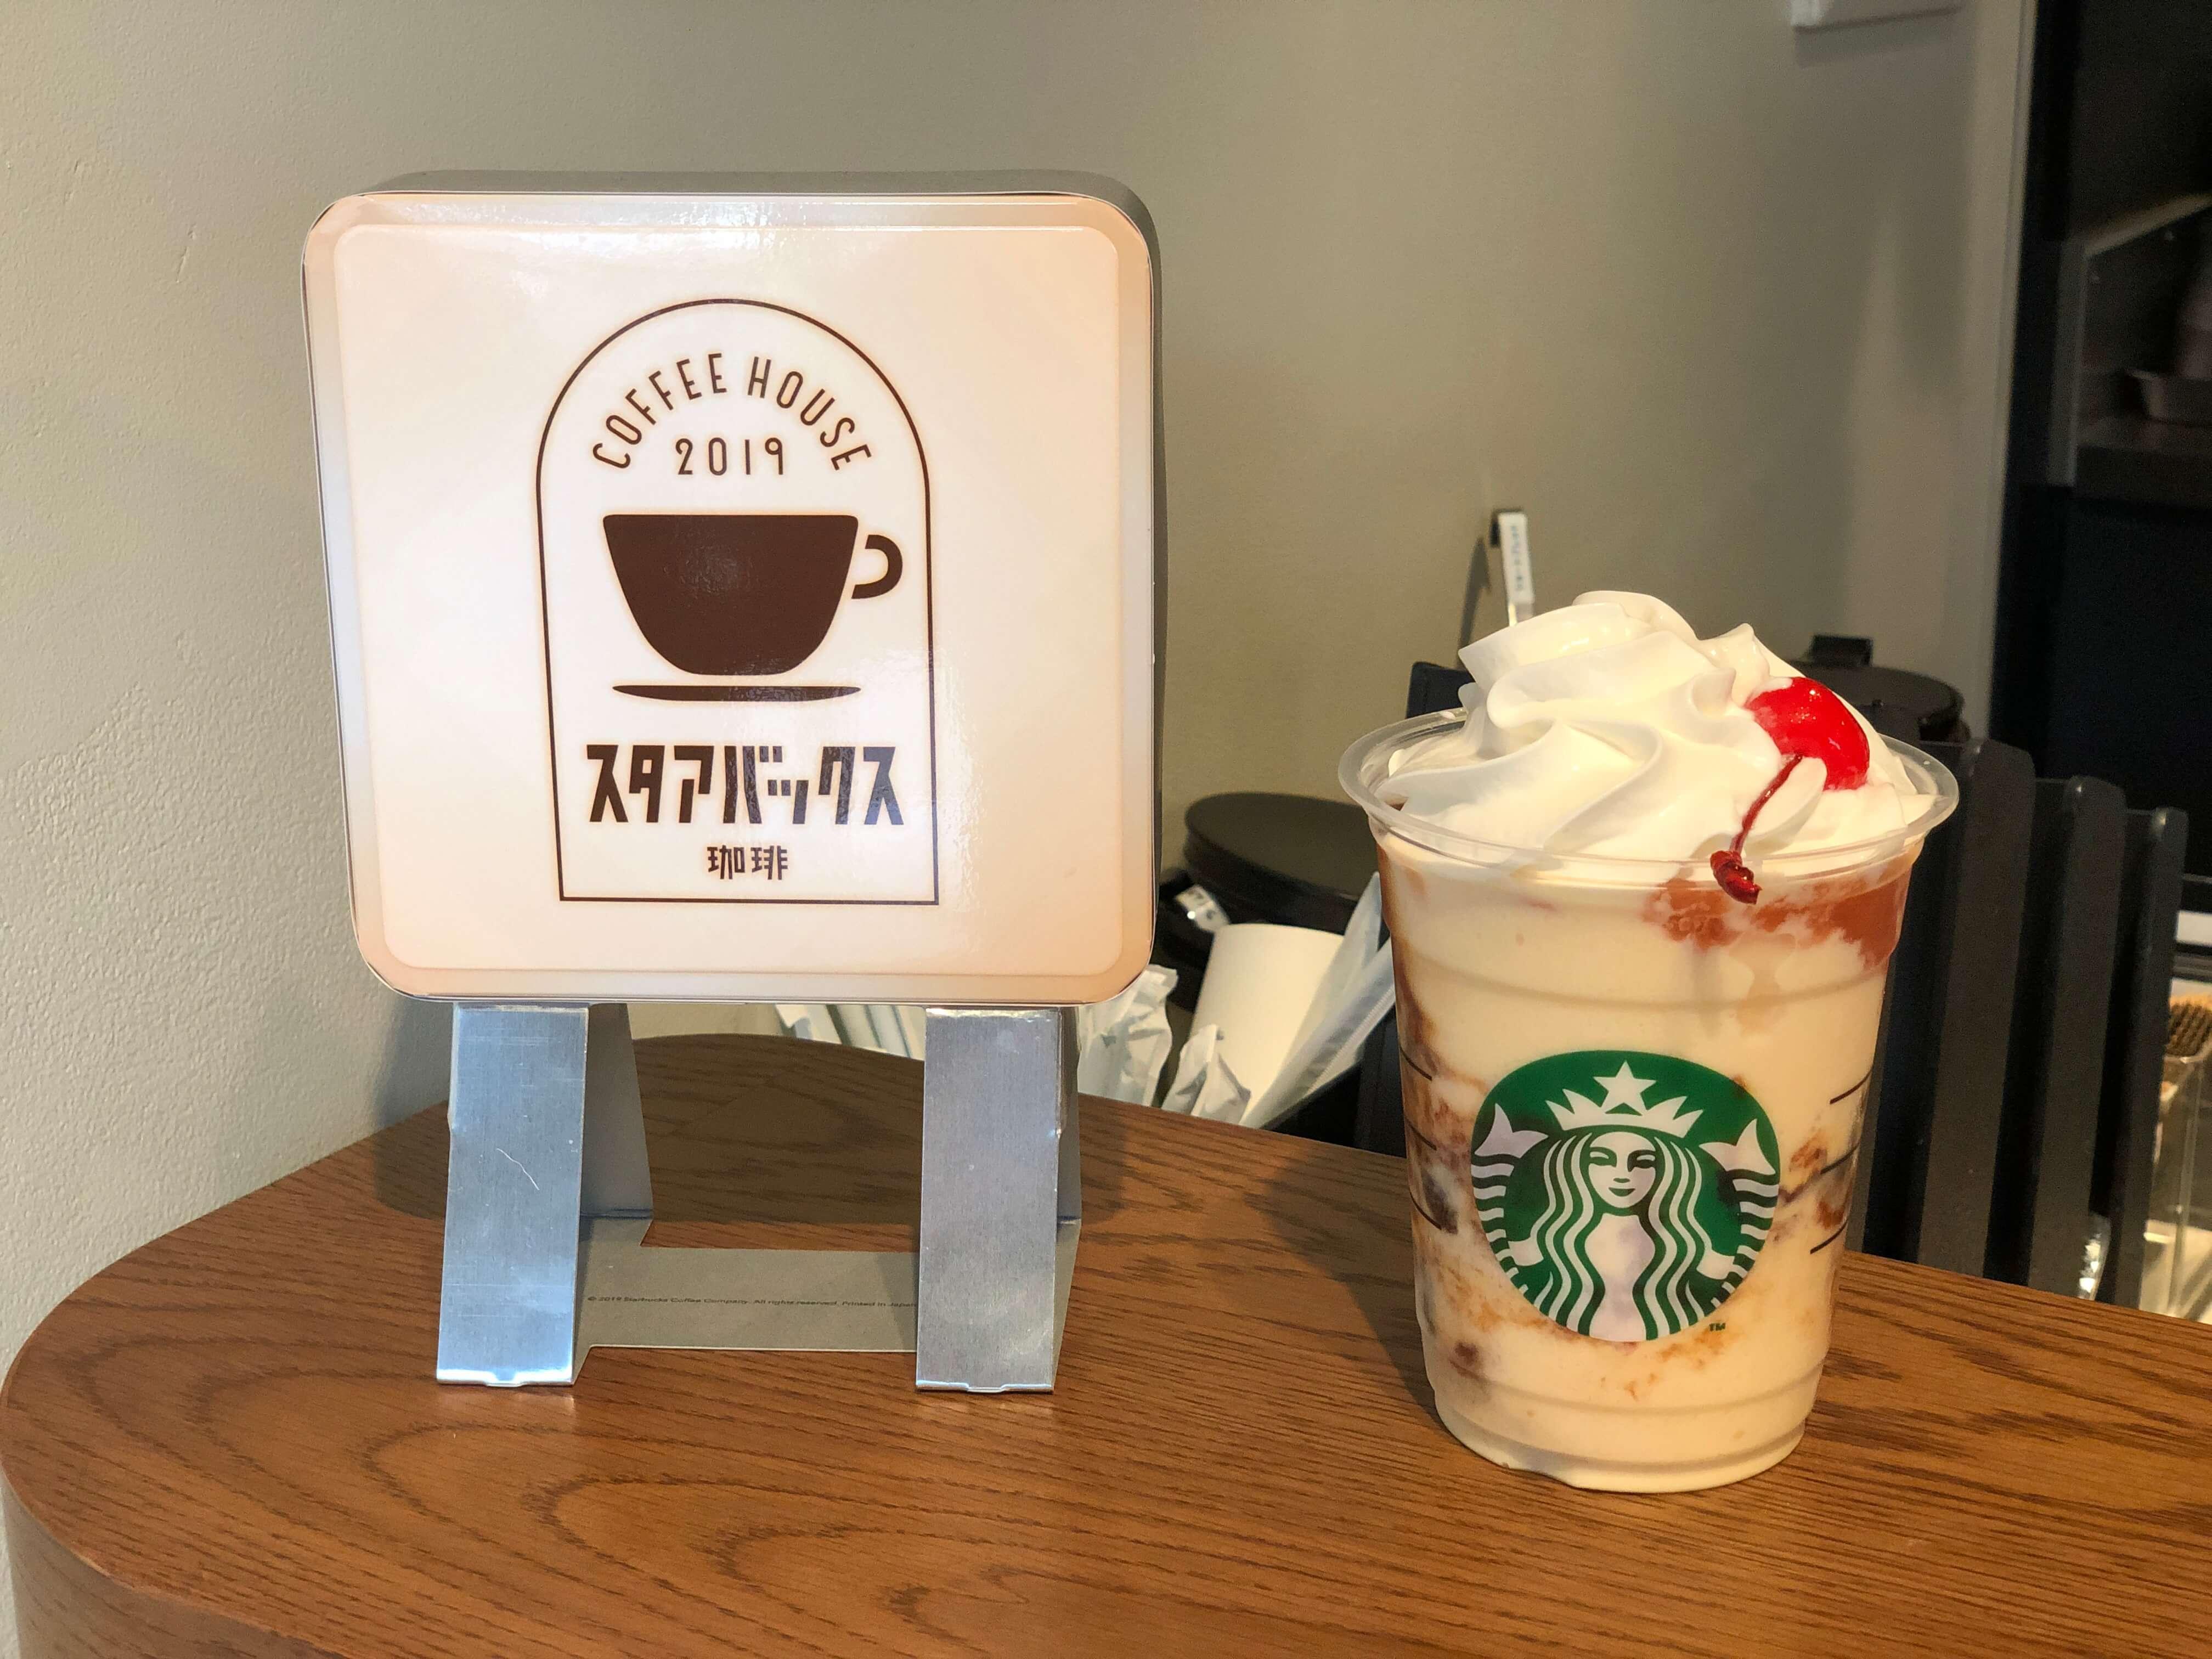 スタアバックス珈琲 スタバ Starbucks プリンアラモードフラペチーノ_1